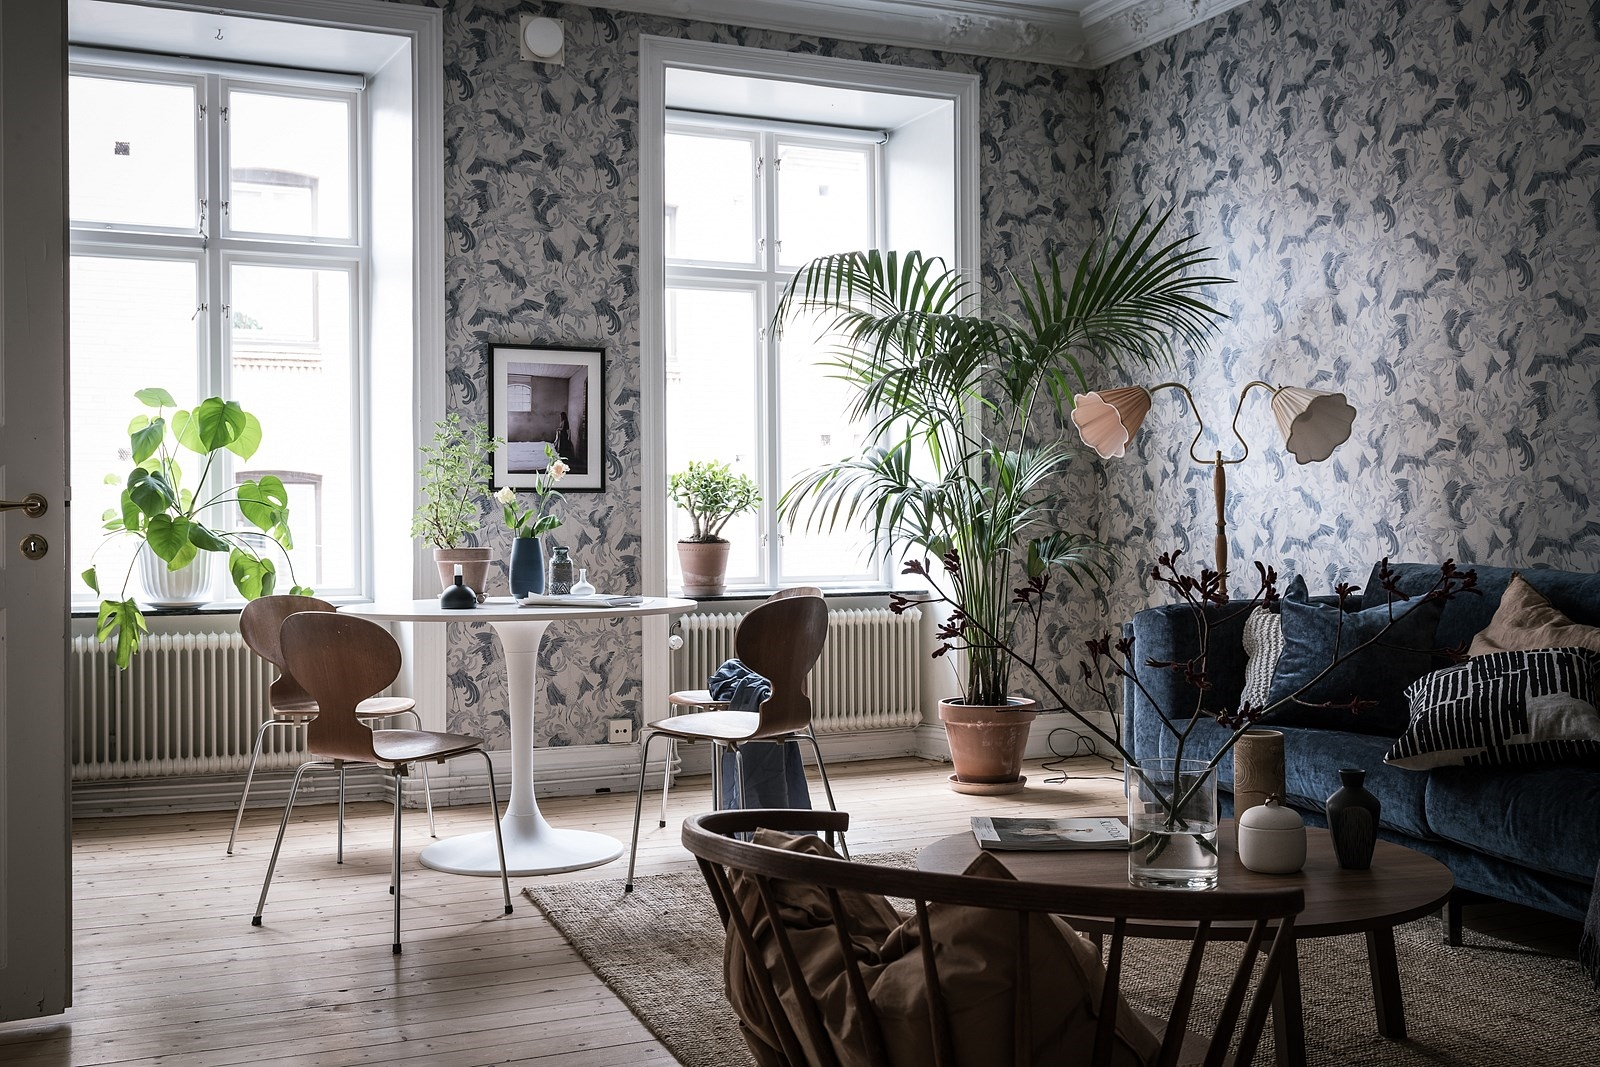 гостиная окно комнатное дерево столик диван